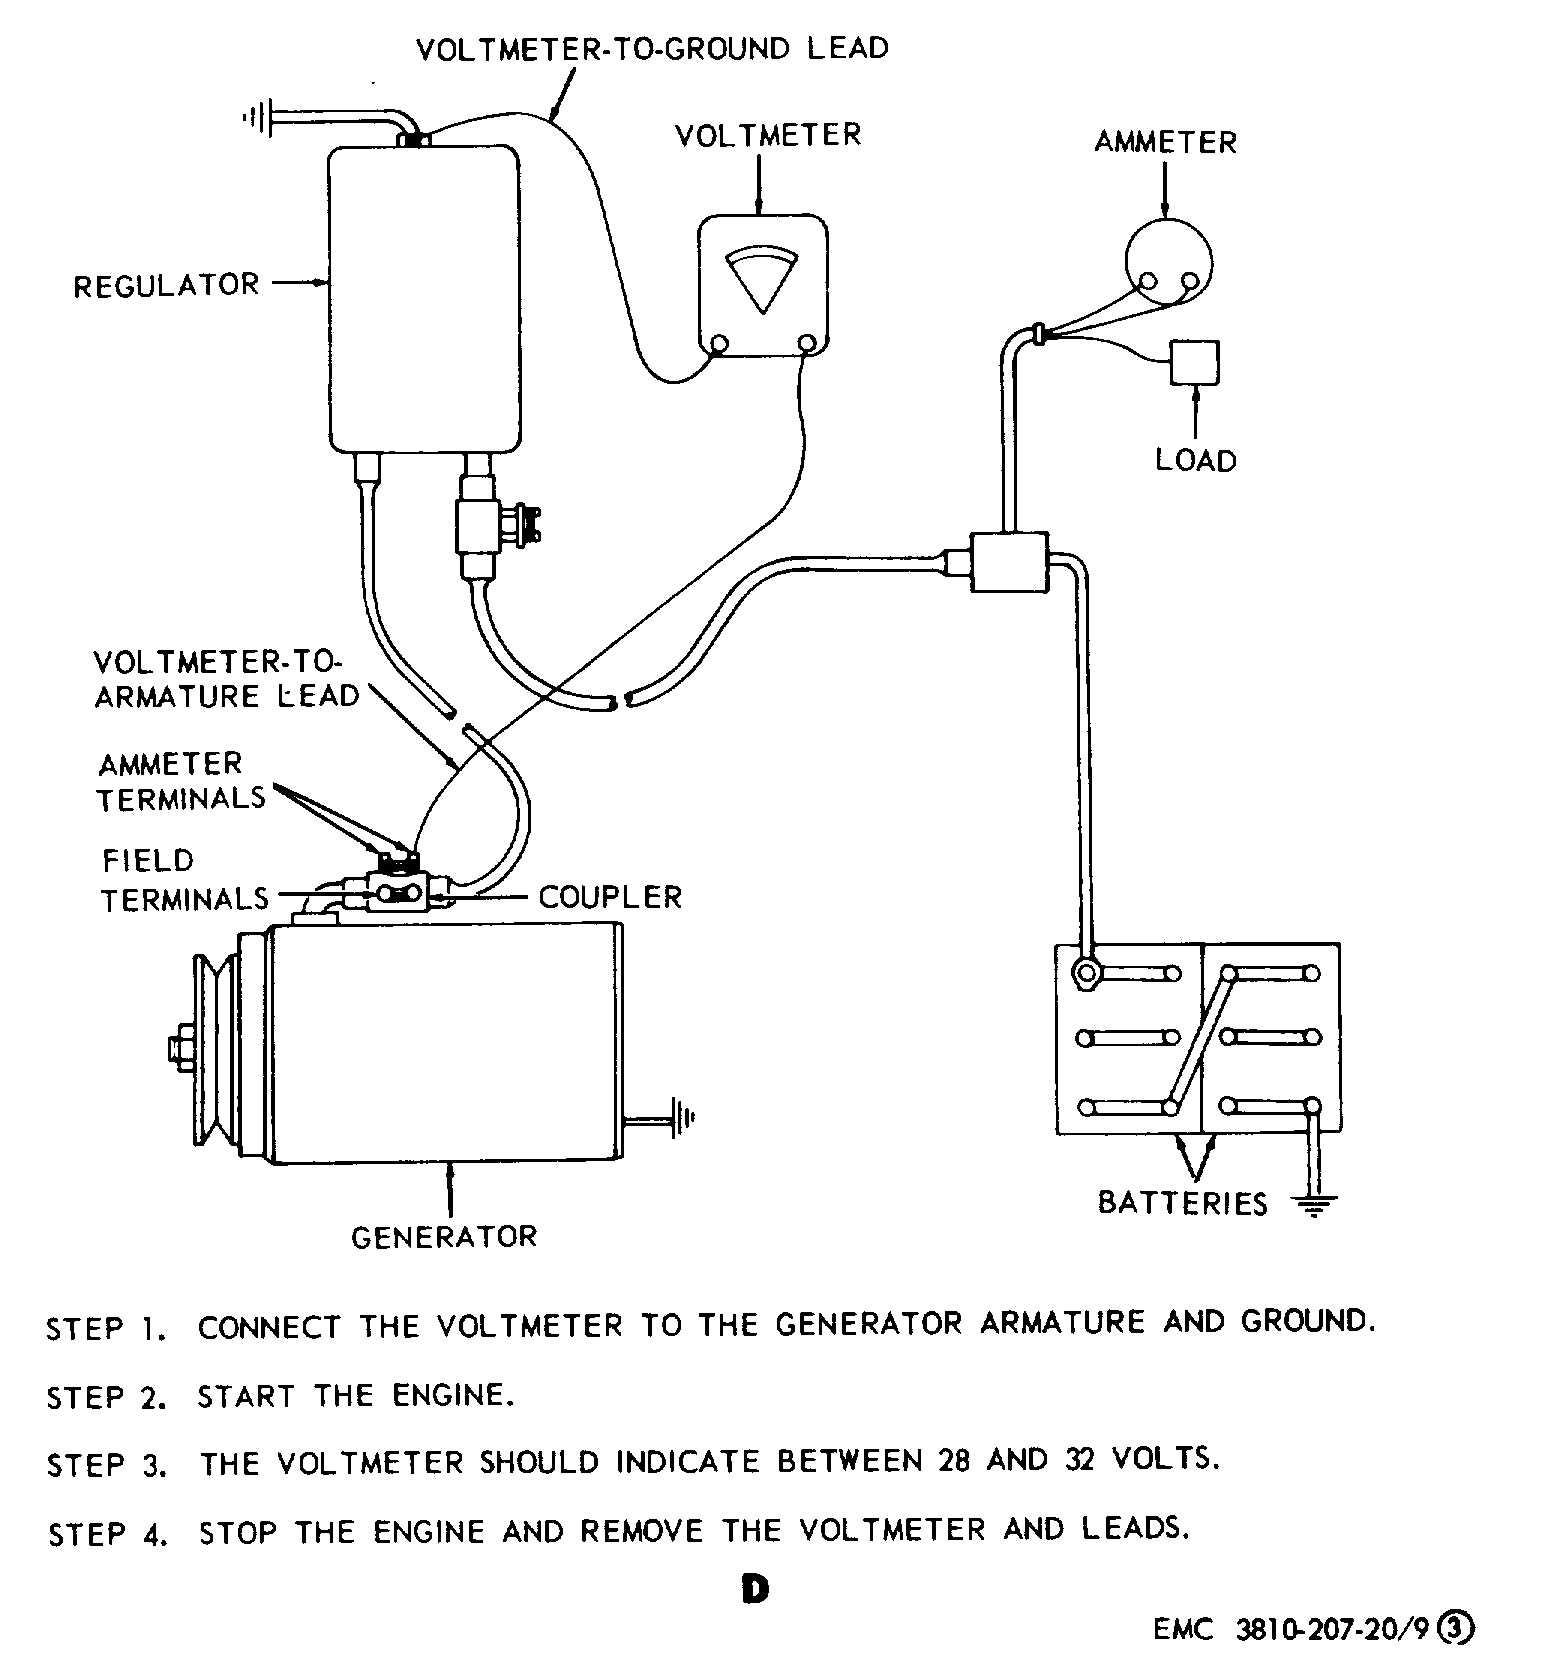 080A Kohler Command Voltage Regulator Wiring Diagram | Wiring ResourcesWiring Resources